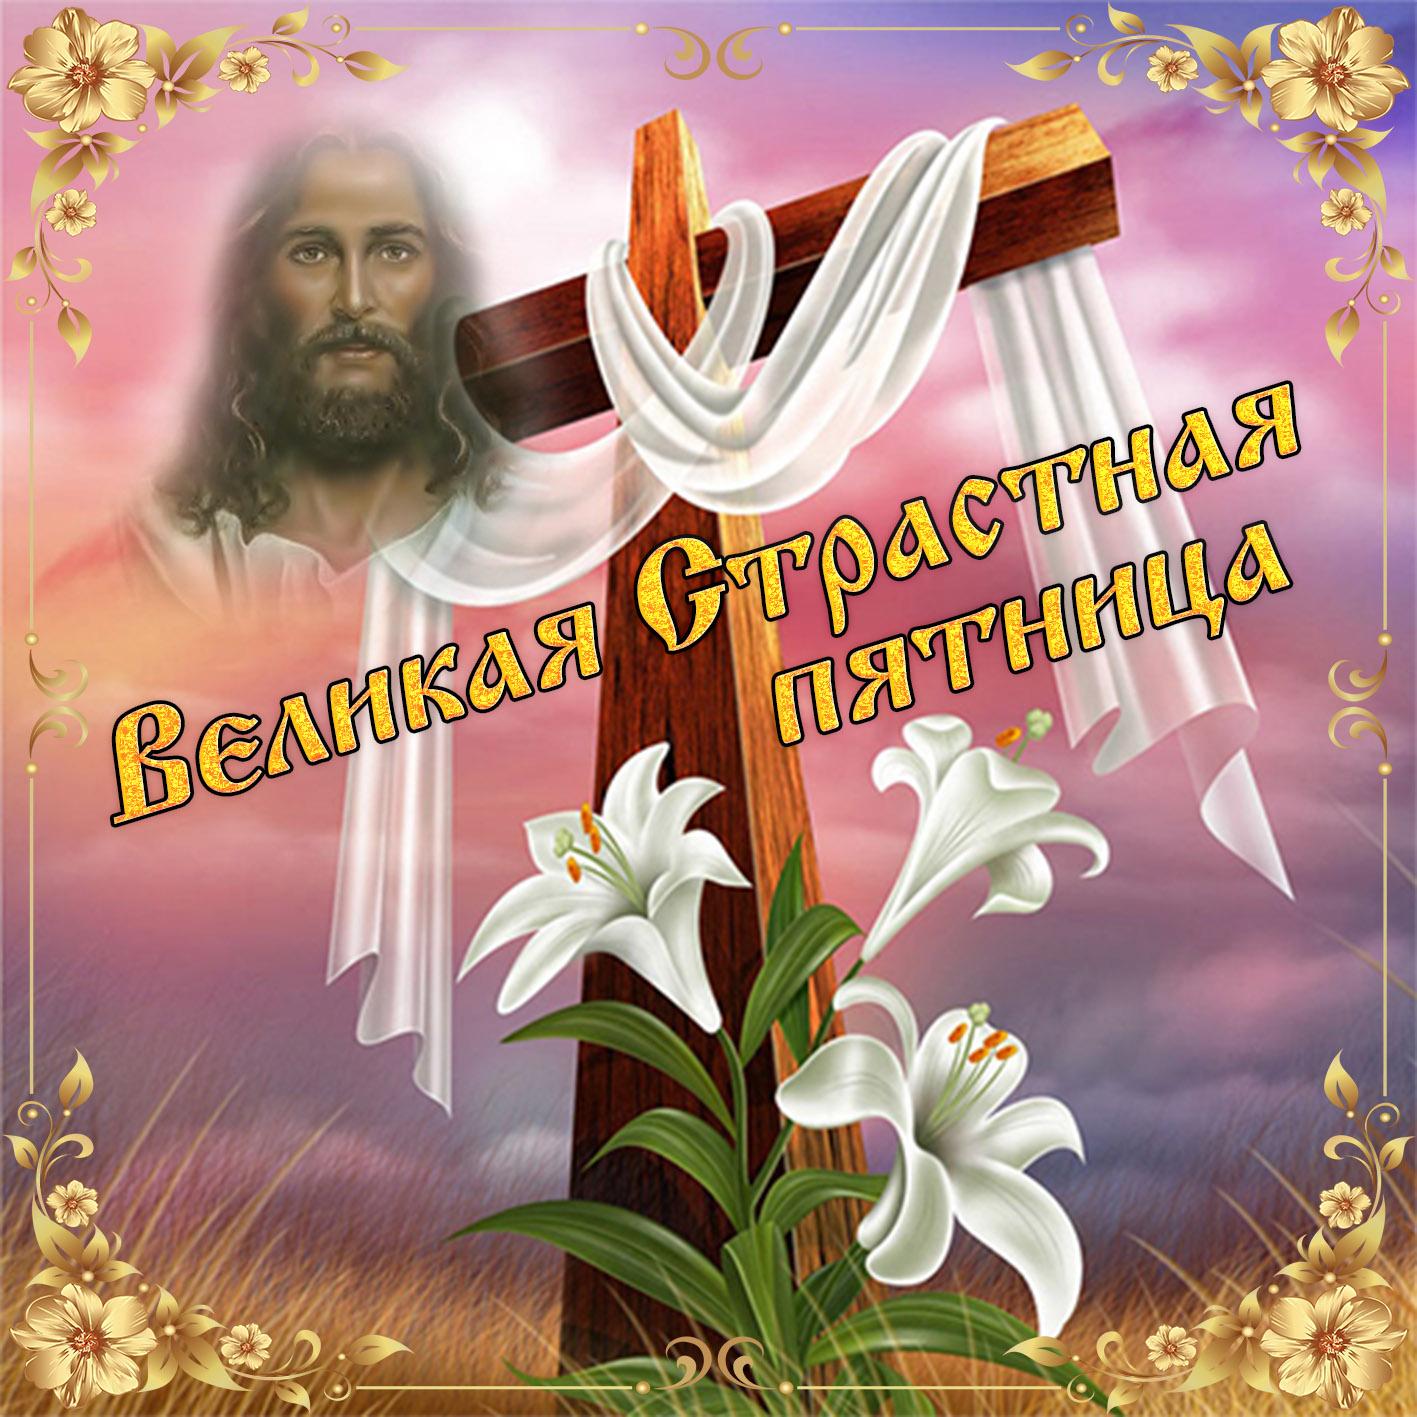 Открытка с крестом в рамке к Страстной пятнице